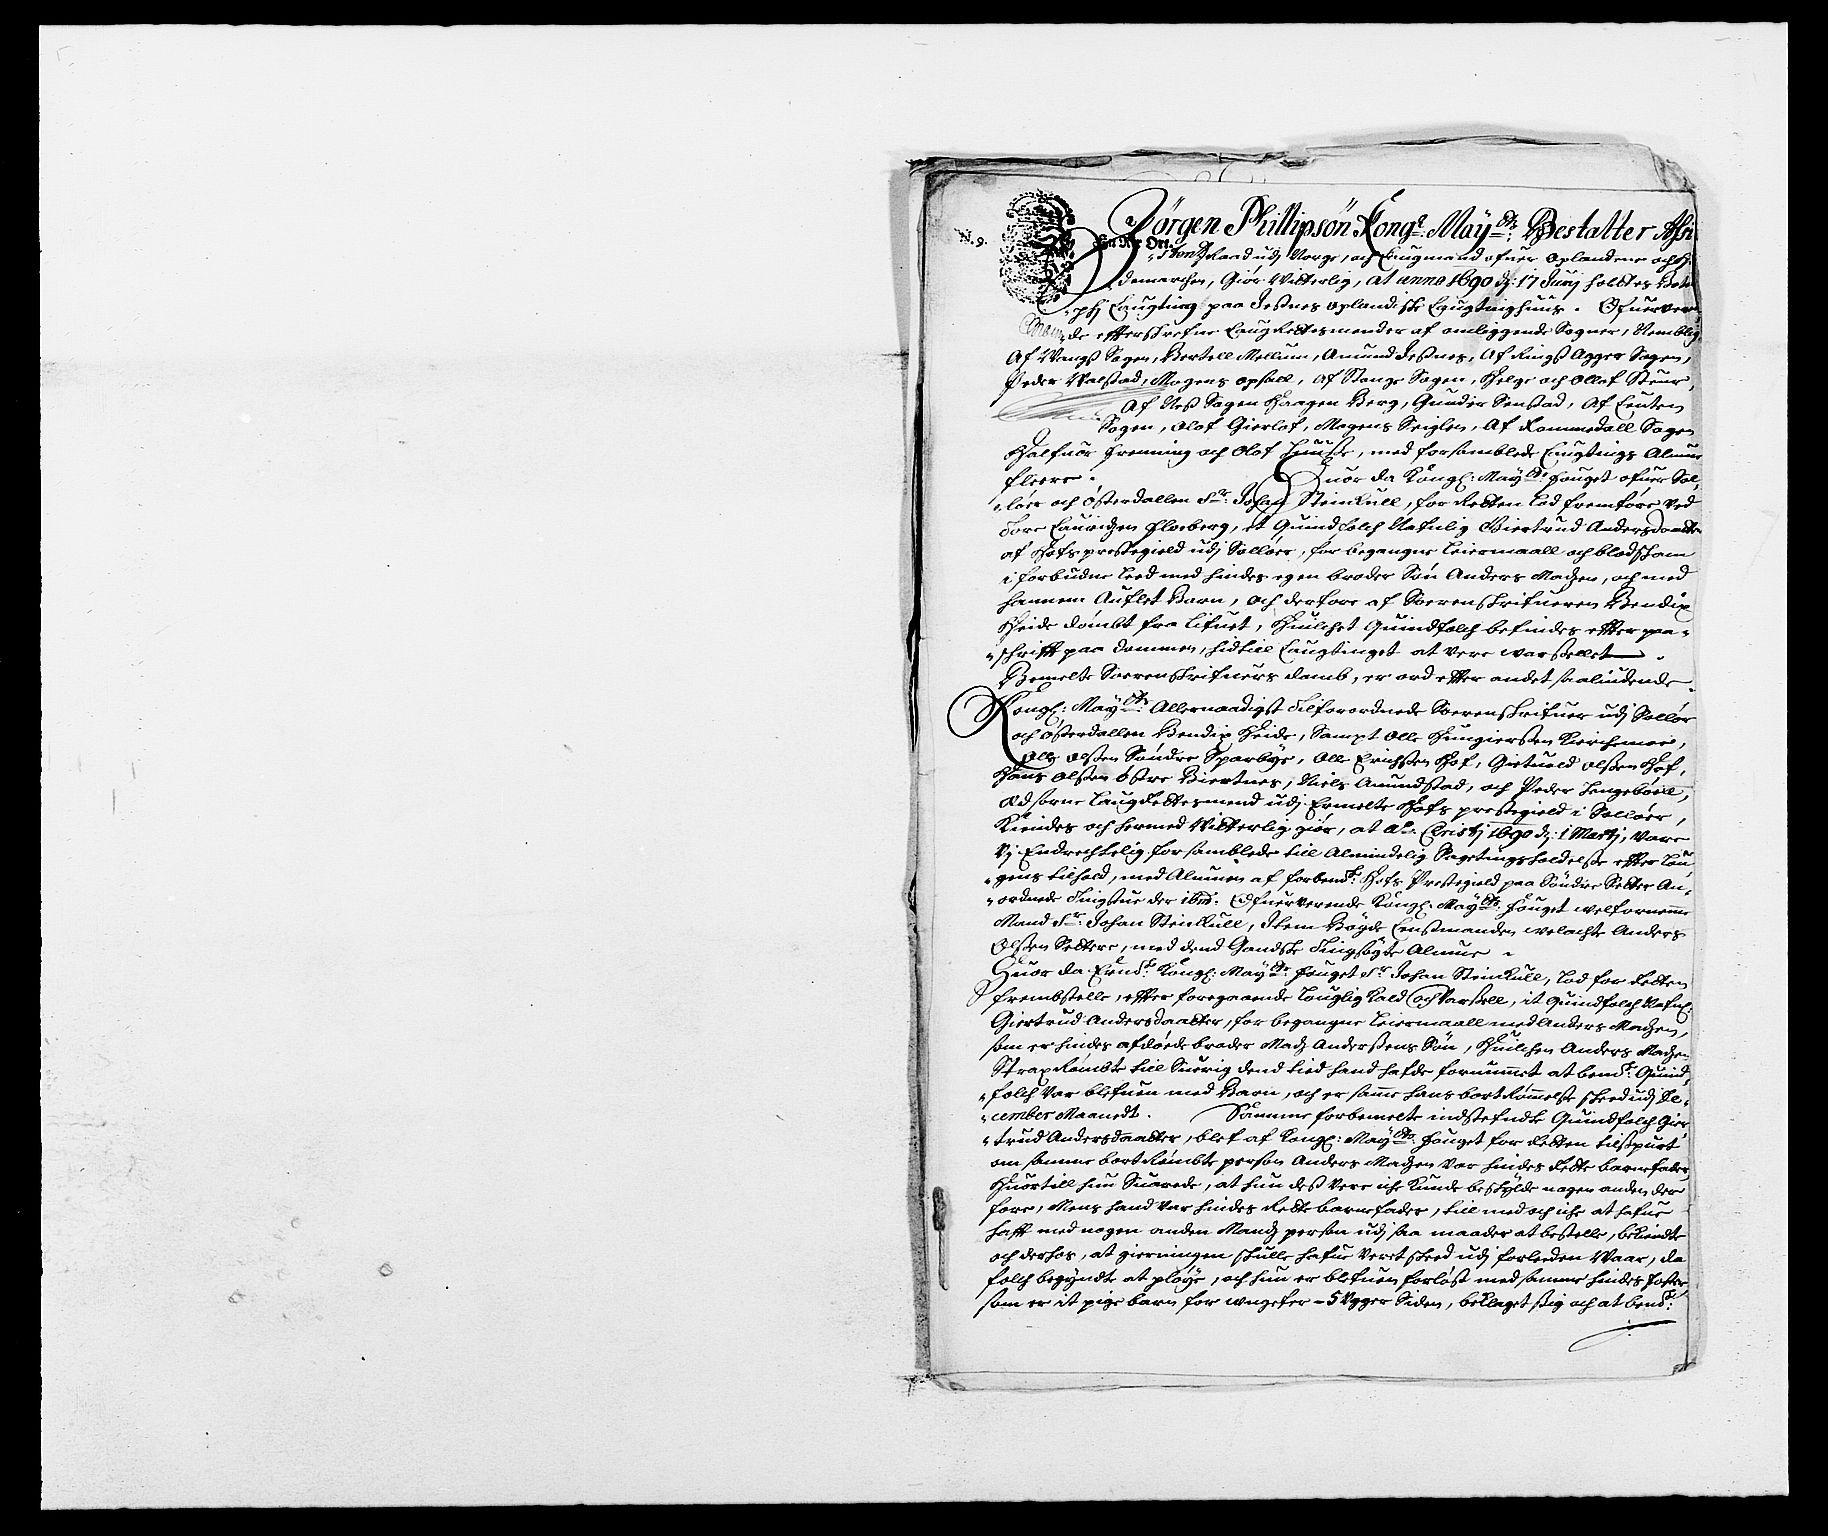 RA, Rentekammeret inntil 1814, Reviderte regnskaper, Fogderegnskap, R13/L0829: Fogderegnskap Solør, Odal og Østerdal, 1691, s. 131